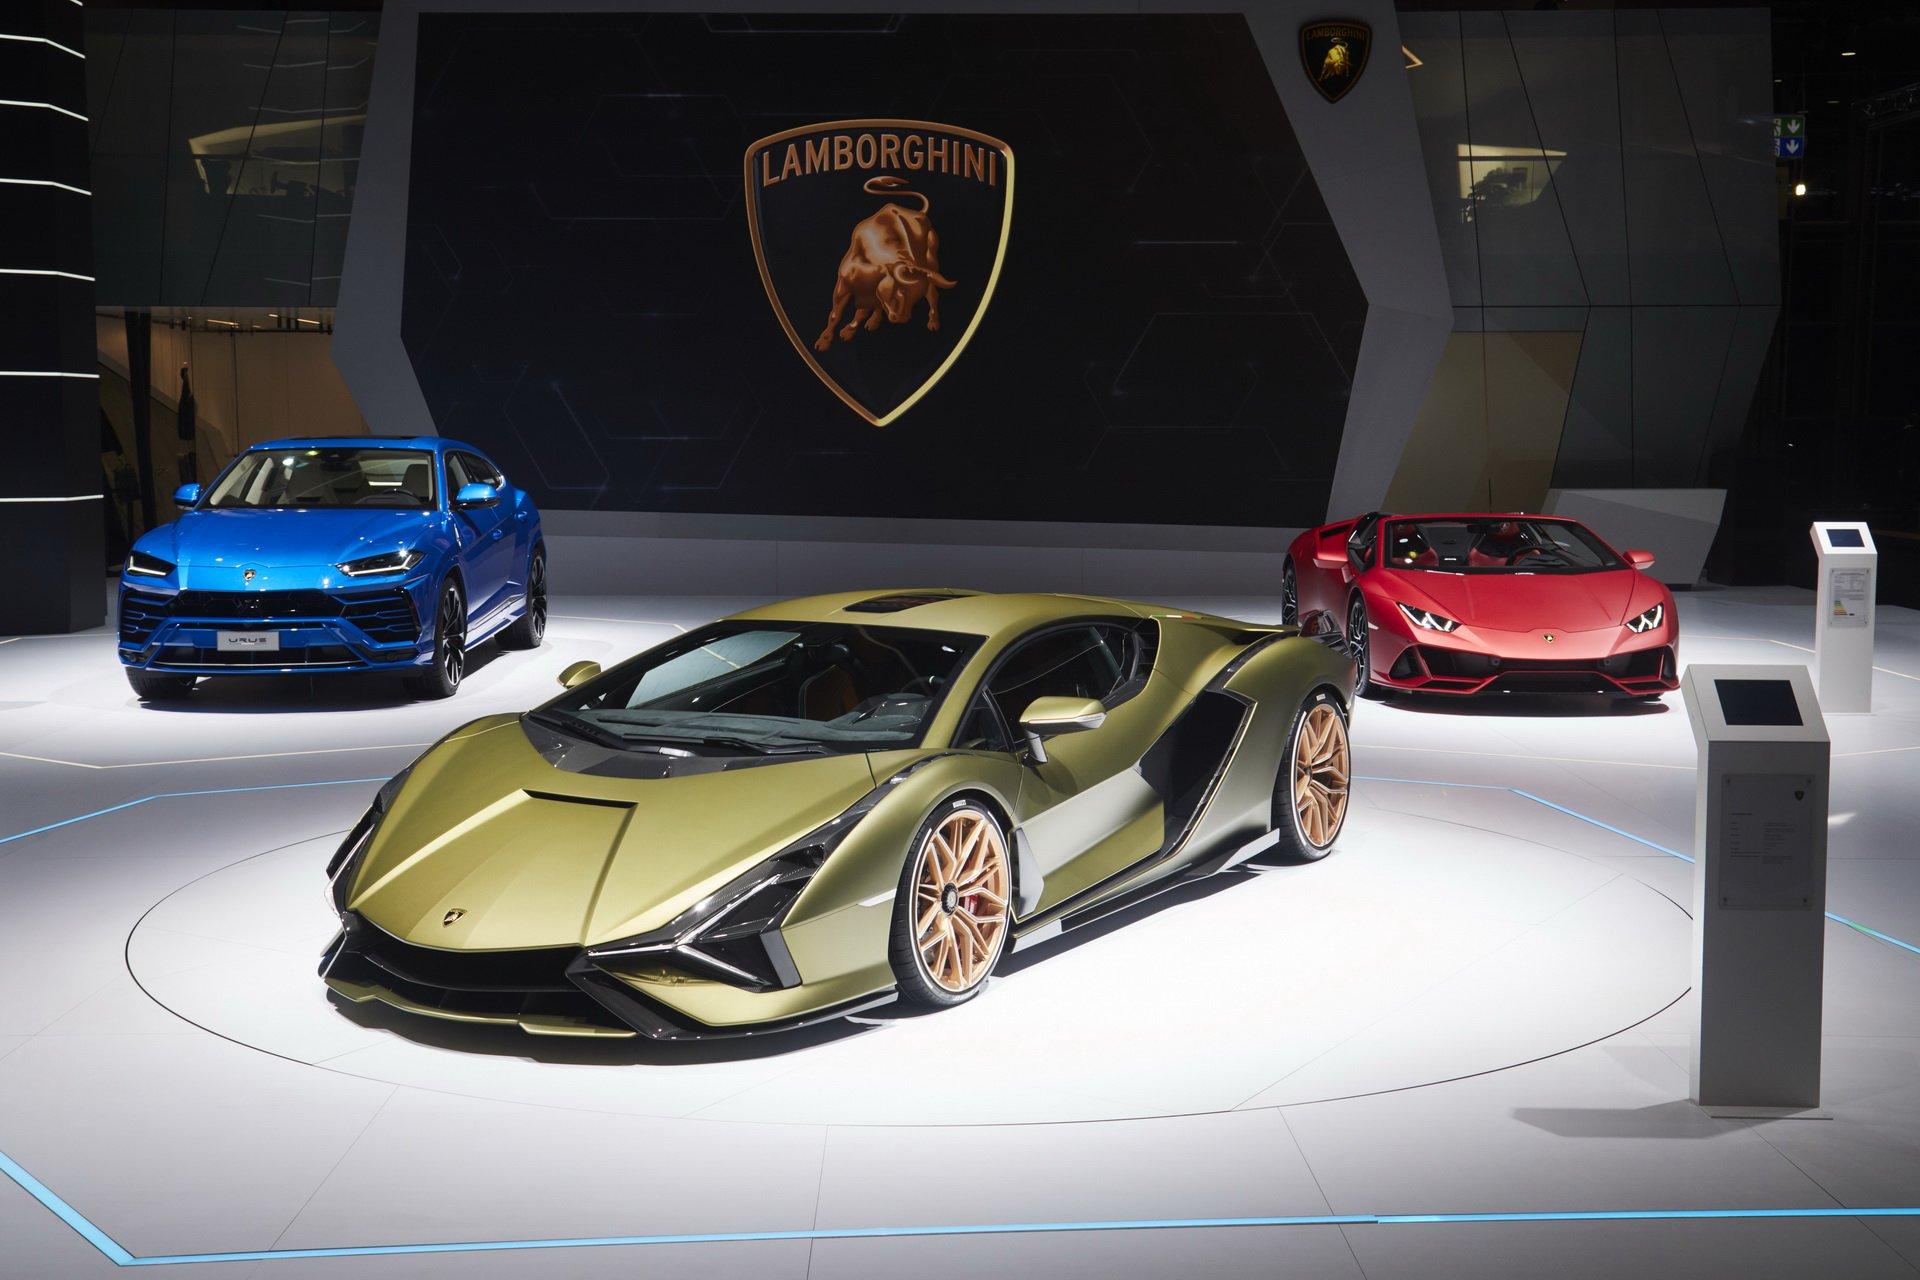 Lamborghini-Sian-FKP-37-1